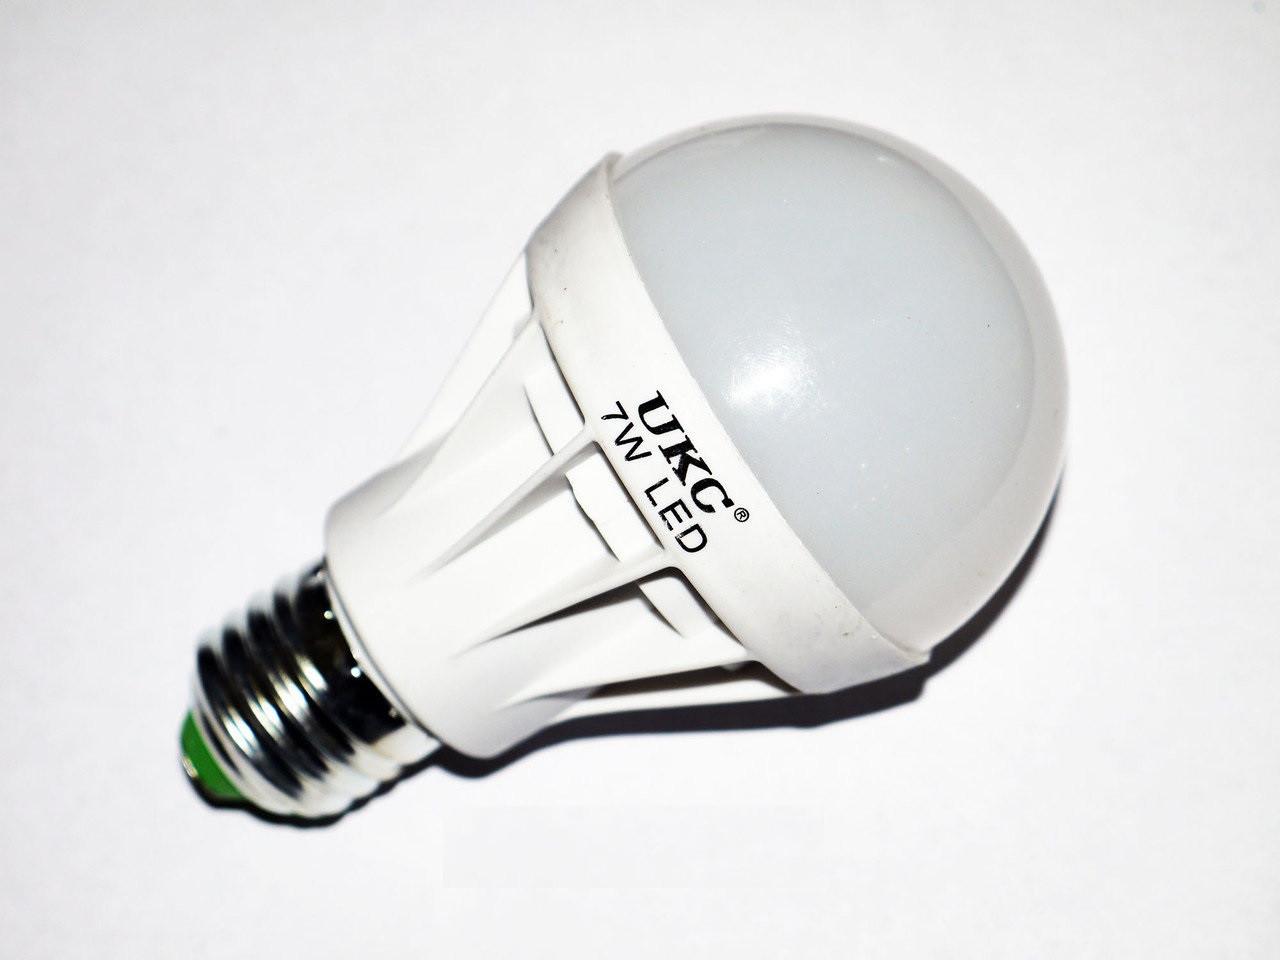 Лампочка сетодиодная 7W UKC, белый свет, экономная, не греется, ярко светит, экономия электрики